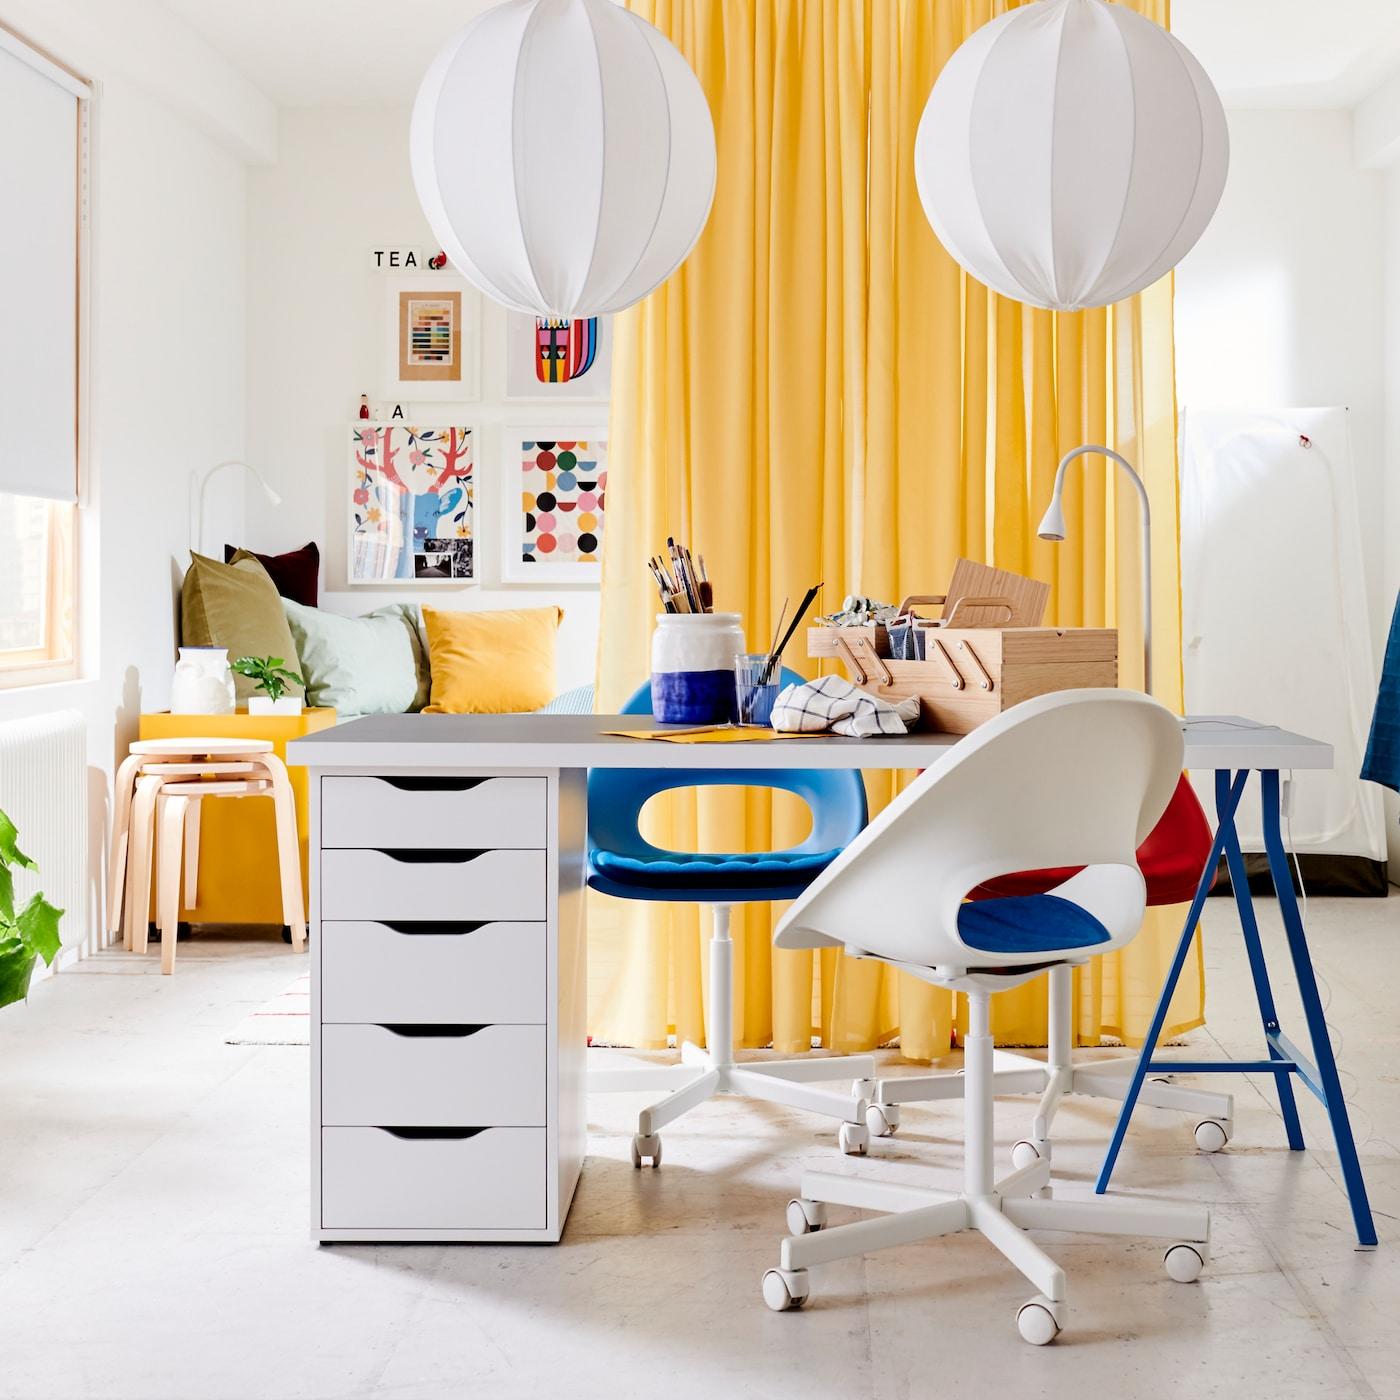 Une table blanche avec le dessus gris clair, des pieds bleus et un caisson à tiroirs, trois chaises pivotantes, une blanche, une bleue et une rouge, et des rideaux jaunes utilisés comme cloison de séparation.